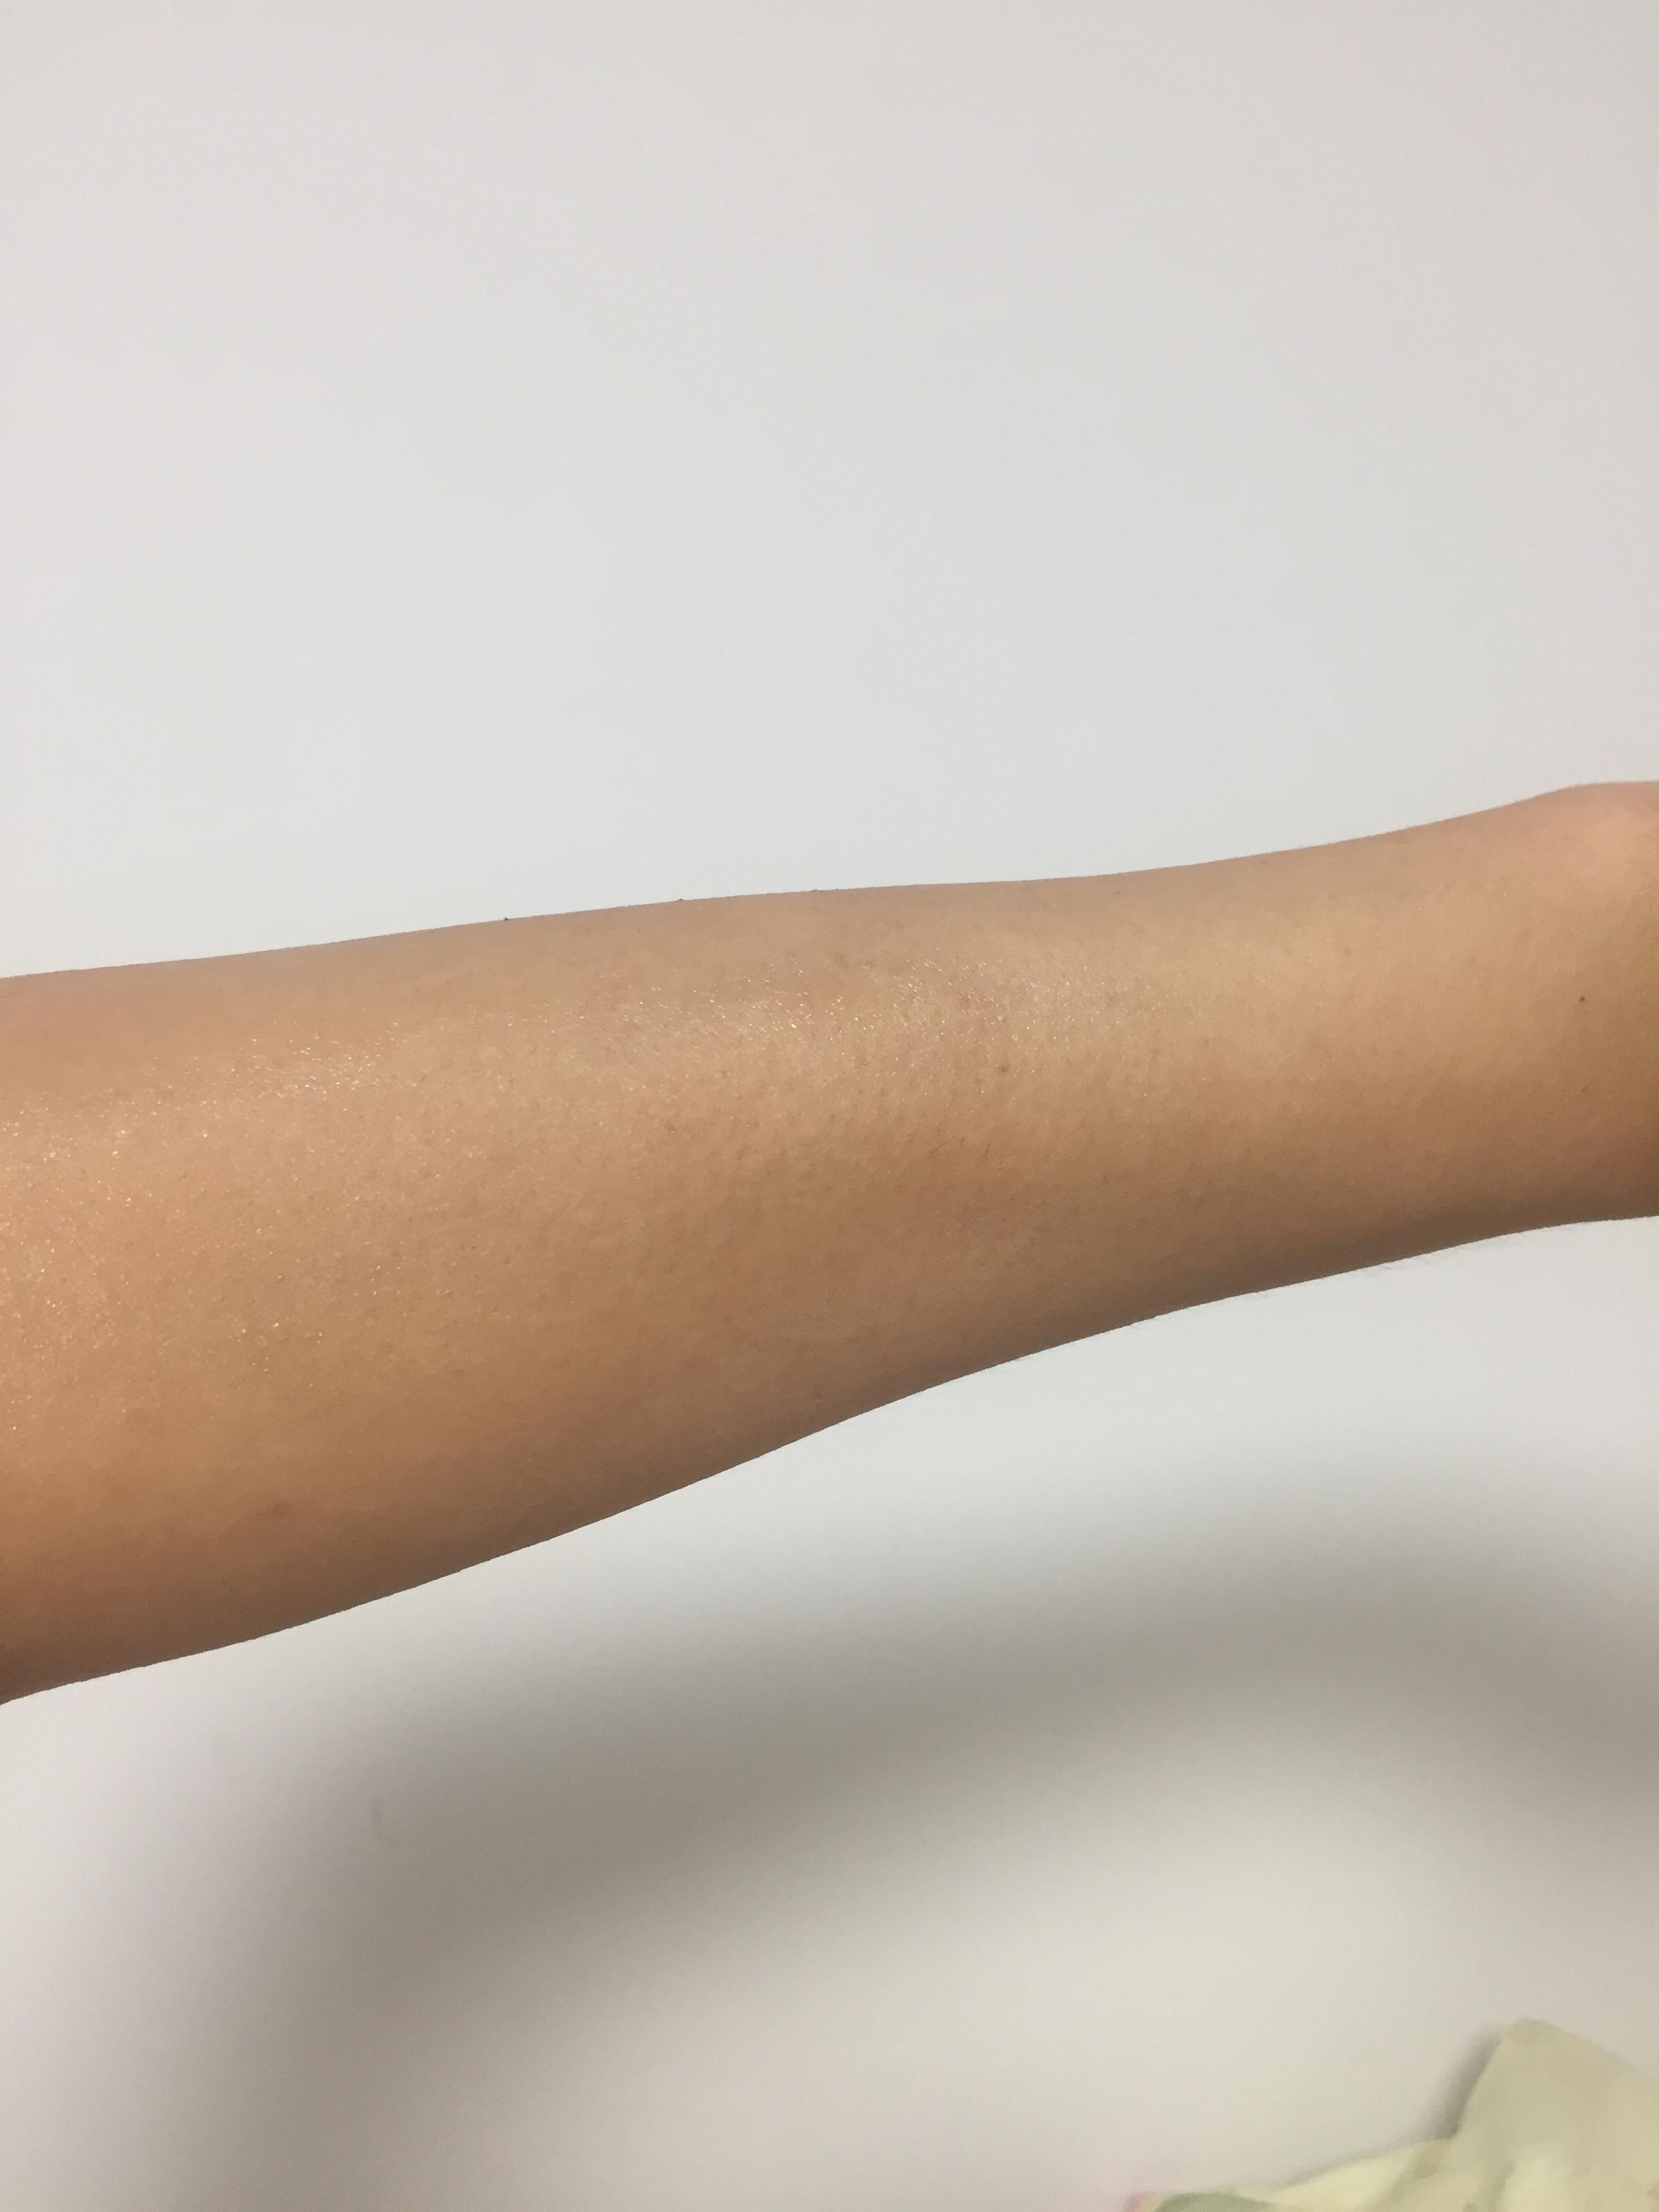 皮肤有点干燥,备皮的过程都尤为的小心,也告知术后需要回去多补水,家里有芦荟胶的,也可以在治疗的部位涂抹芦荟胶多补充水。这是第一次治疗,后期需要根据疗程治疗才能达到更好的效果。